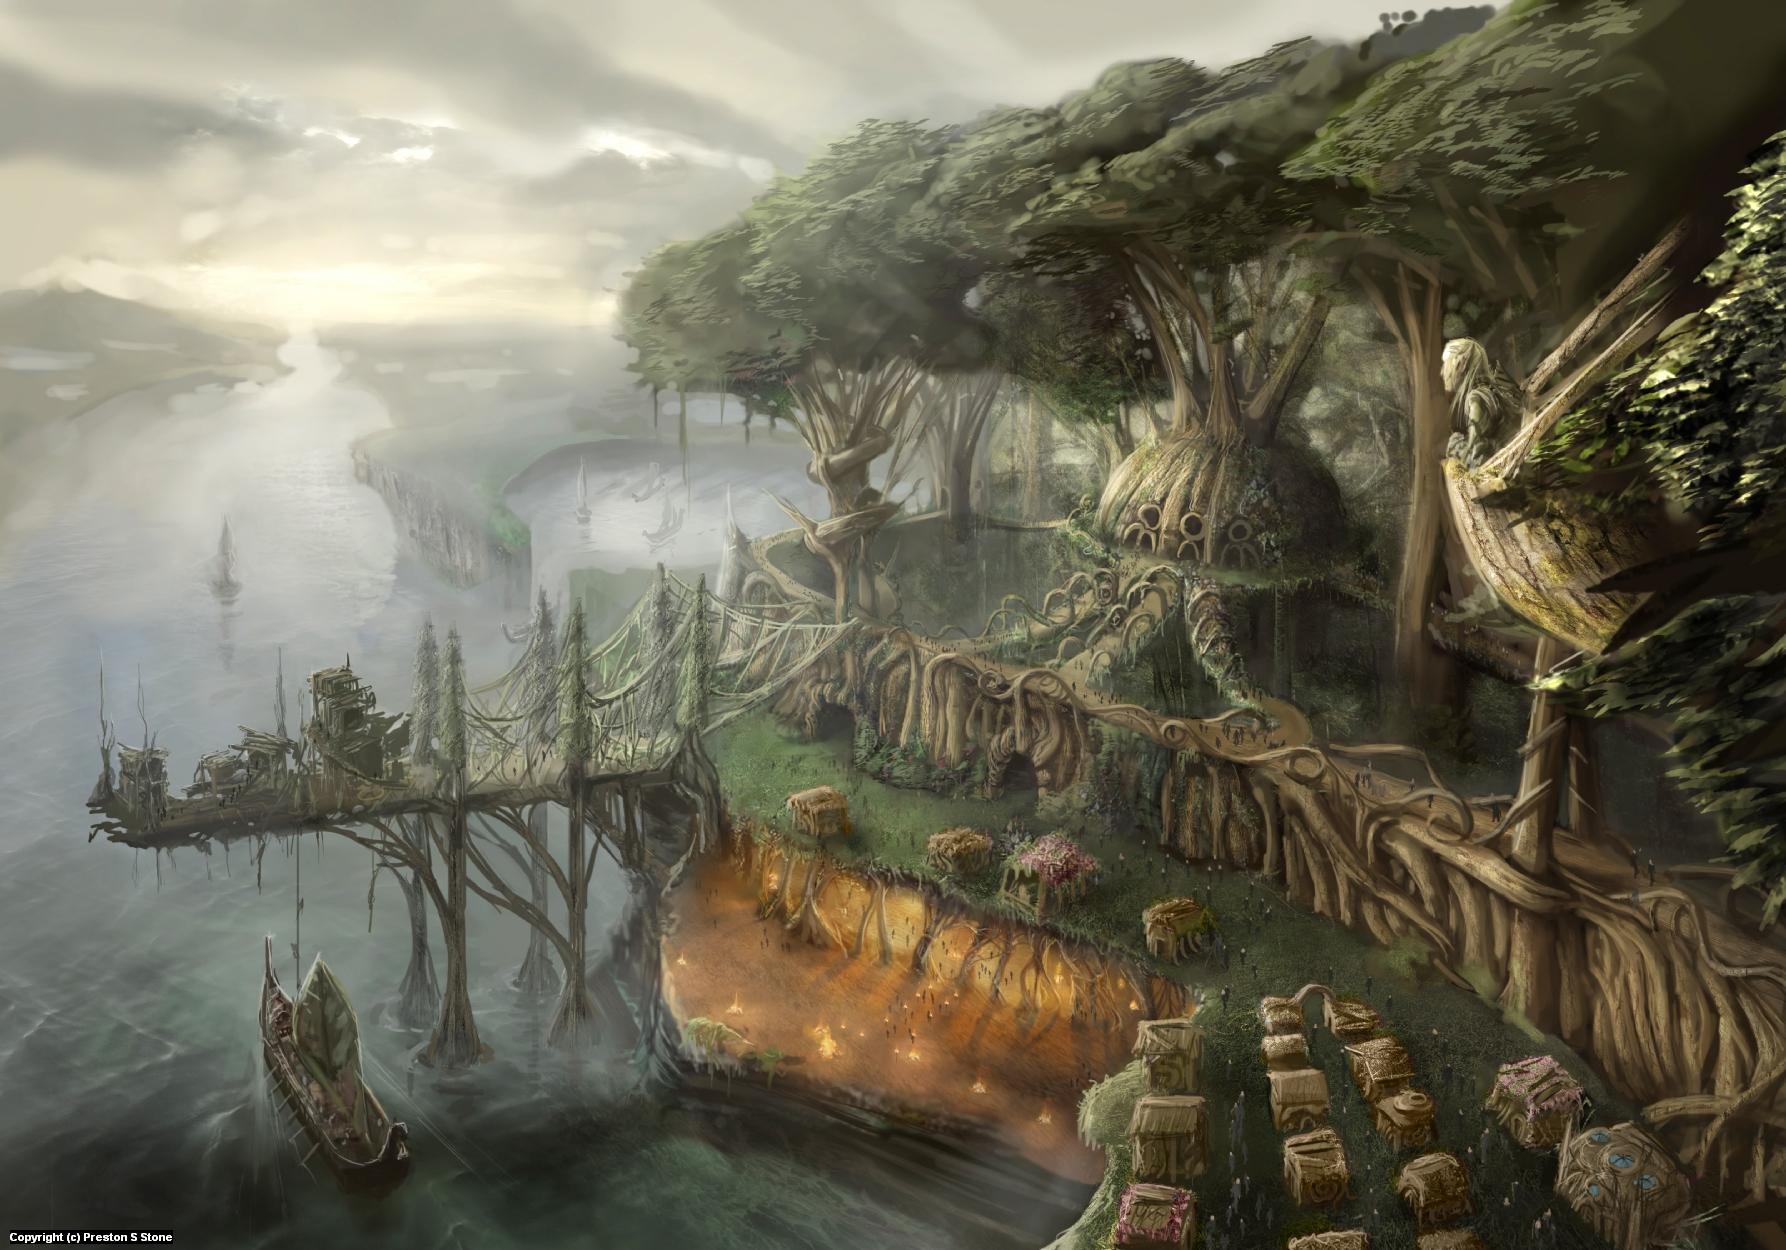 The Elf Fortress Artwork by Preston Stone